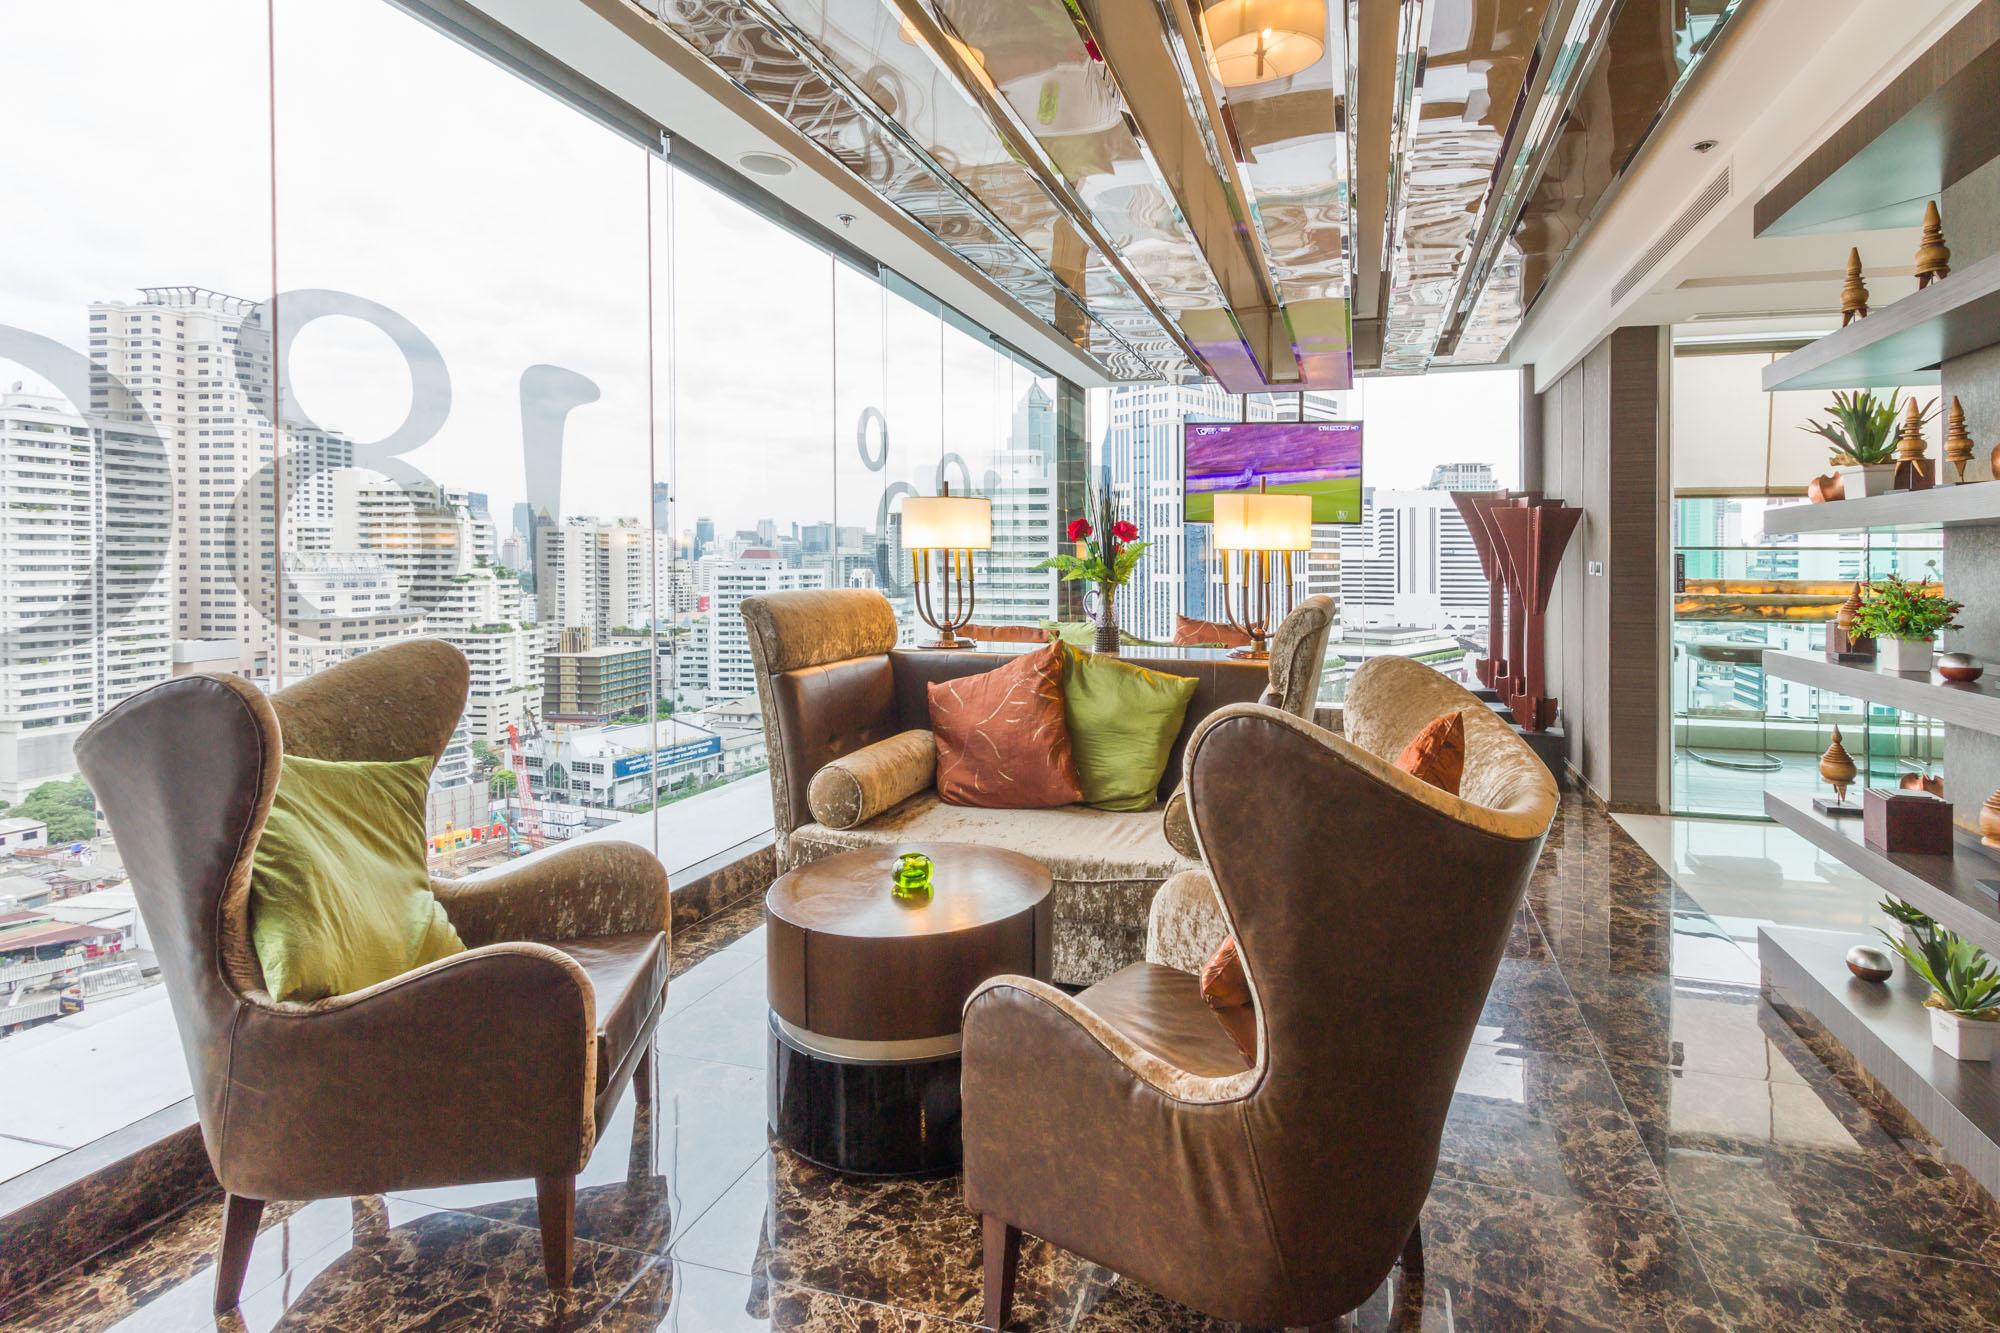 180 Sky Lounge โรงแรมแกรนด์สวิส สุขุมวิท 11  180 Sky Lounge โรงแรมแกรนด์สวิส สุขุมวิท 11 IMG 7720